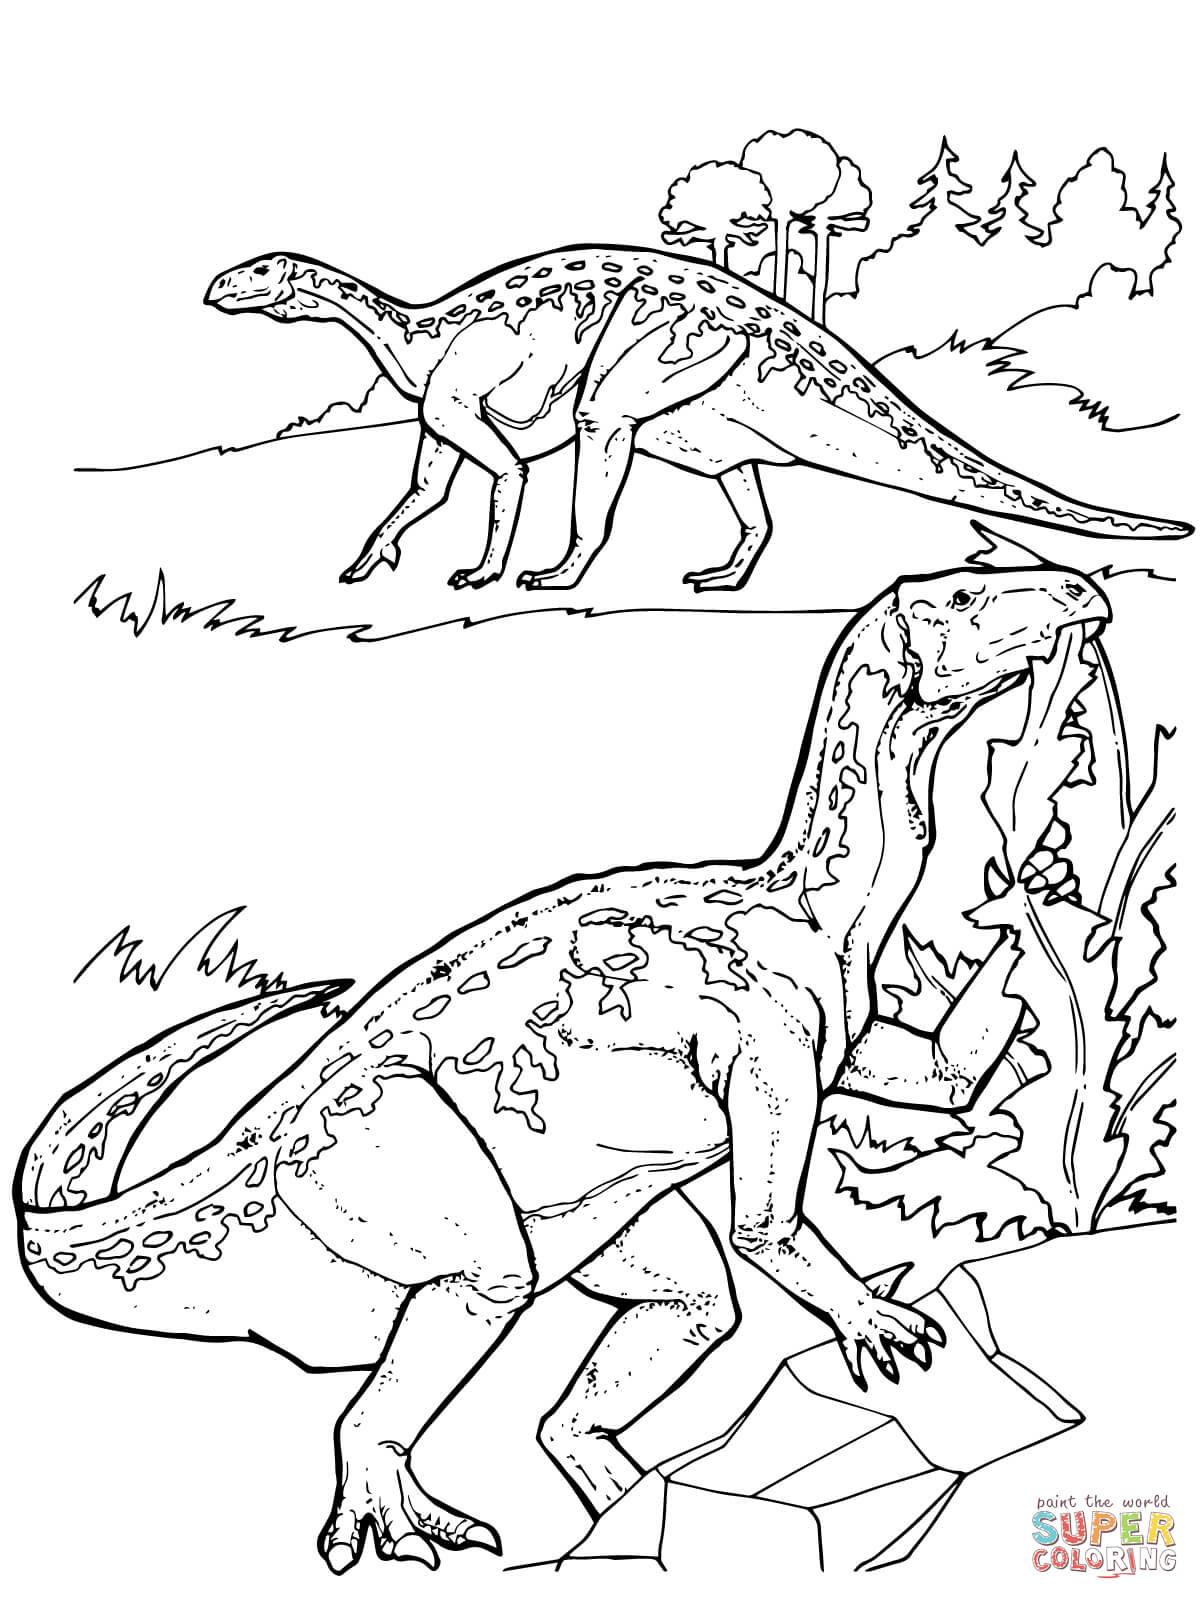 er sur la Dinosaure Iguanodon coloriages pour visualiser la version imprimable ou colorier en ligne patible avec les tablettes iPad et Android